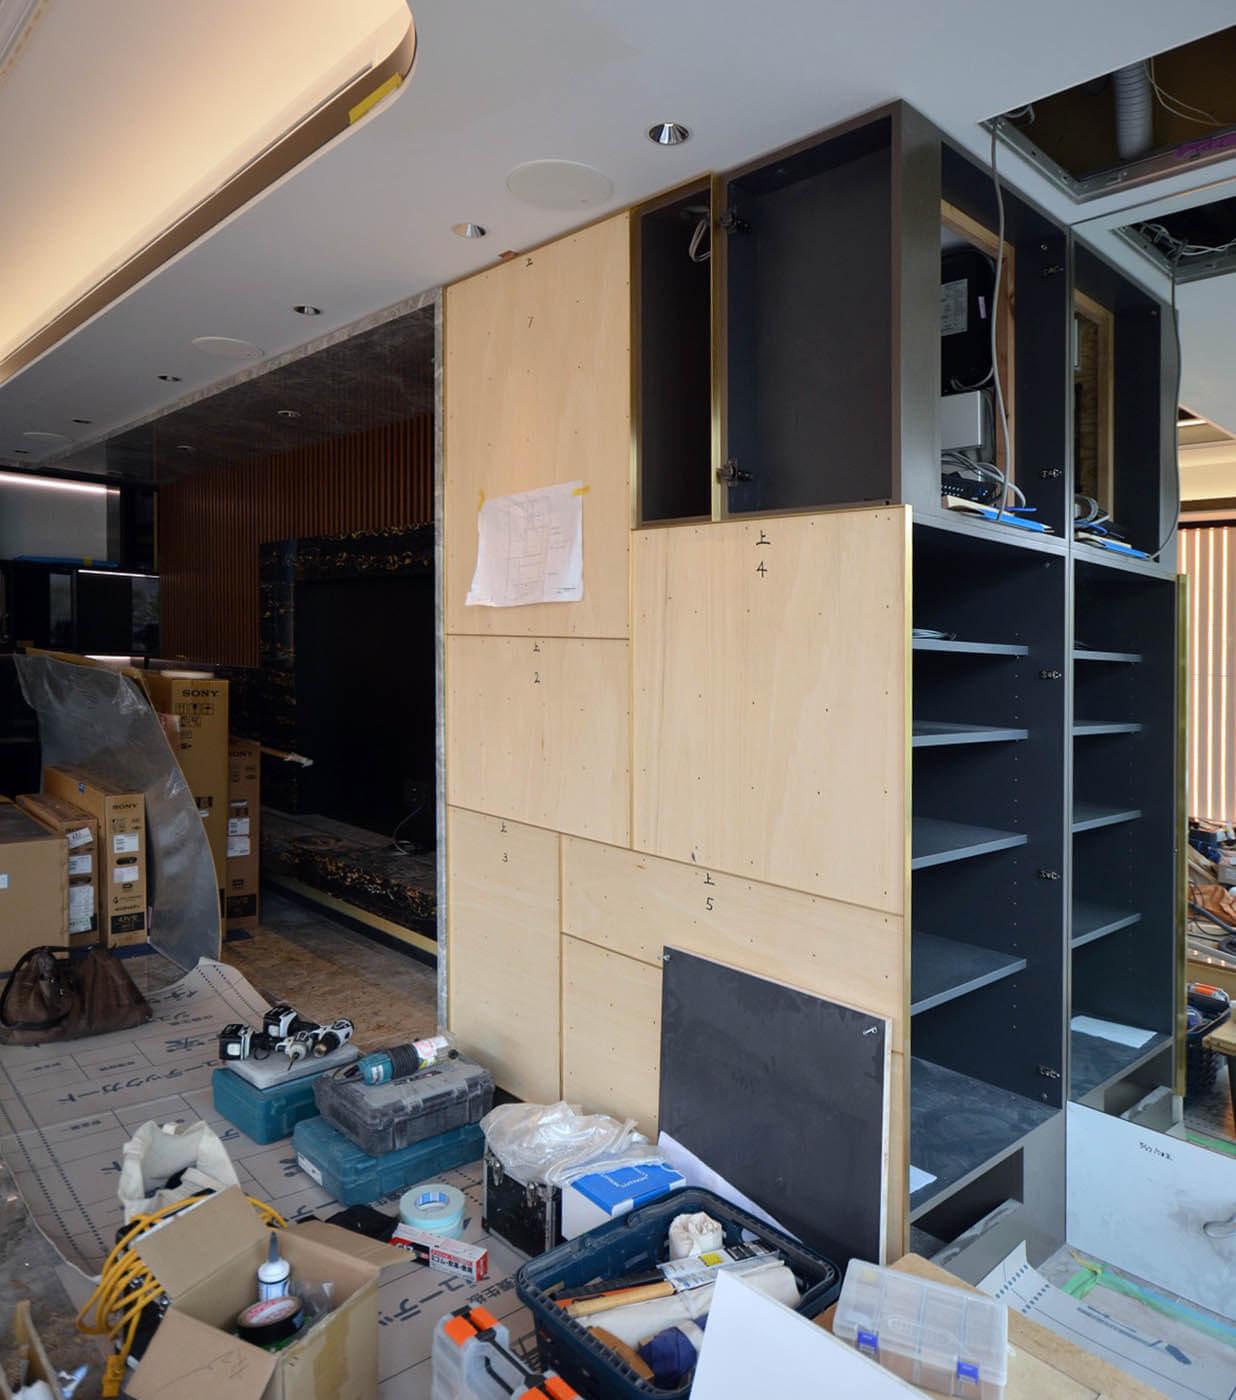 TV壁横の柱型を抱き込んだAV機器収納の造作